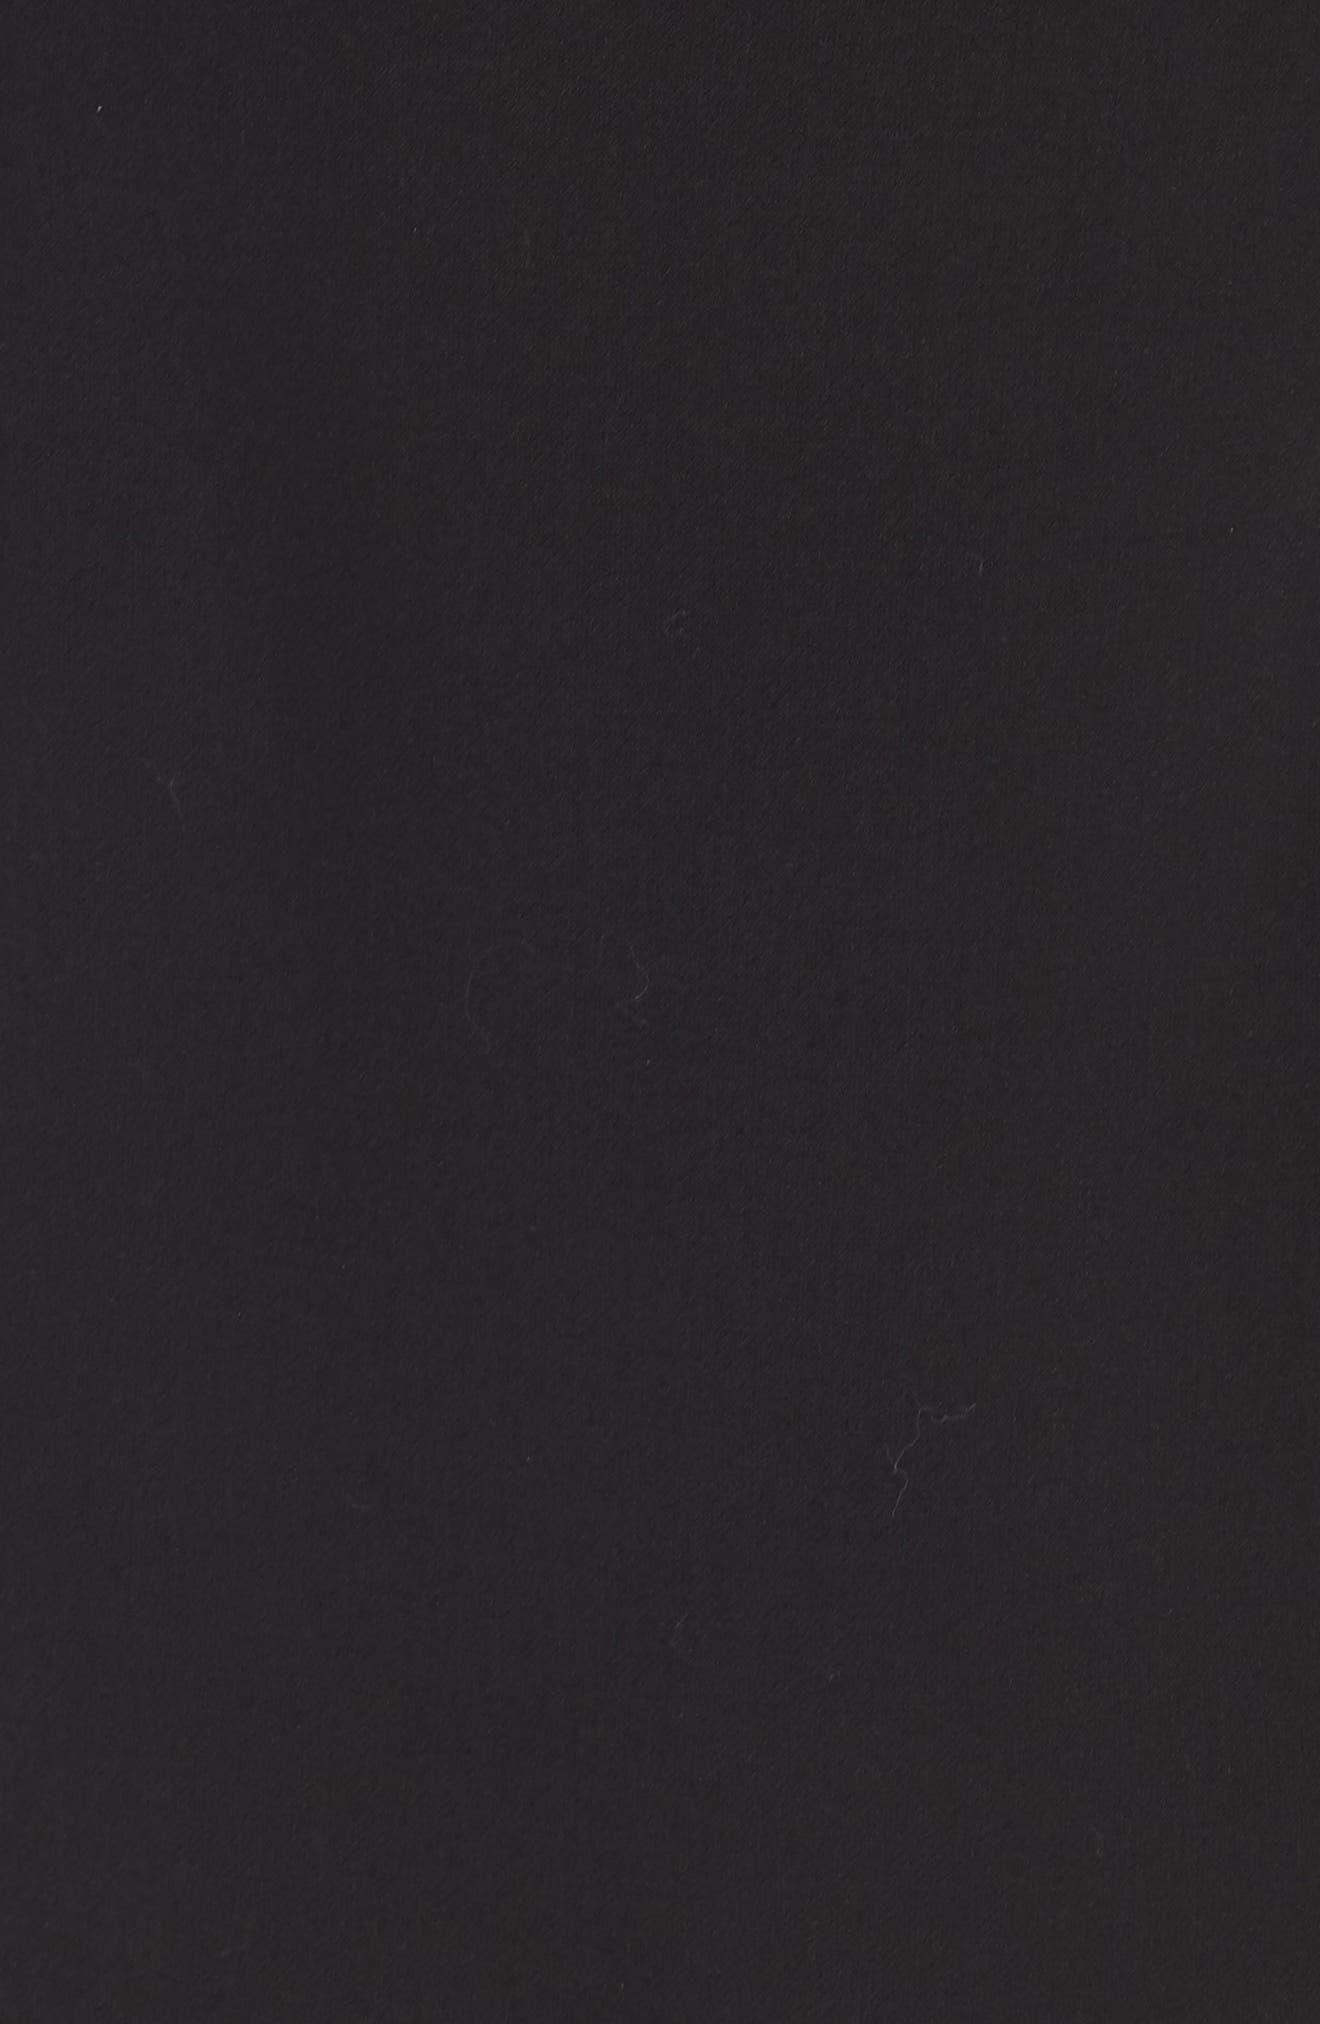 FRENCH CONNECTION,                             Whisper Light Mesh Sleeve Dress,                             Alternate thumbnail 5, color,                             BLACK